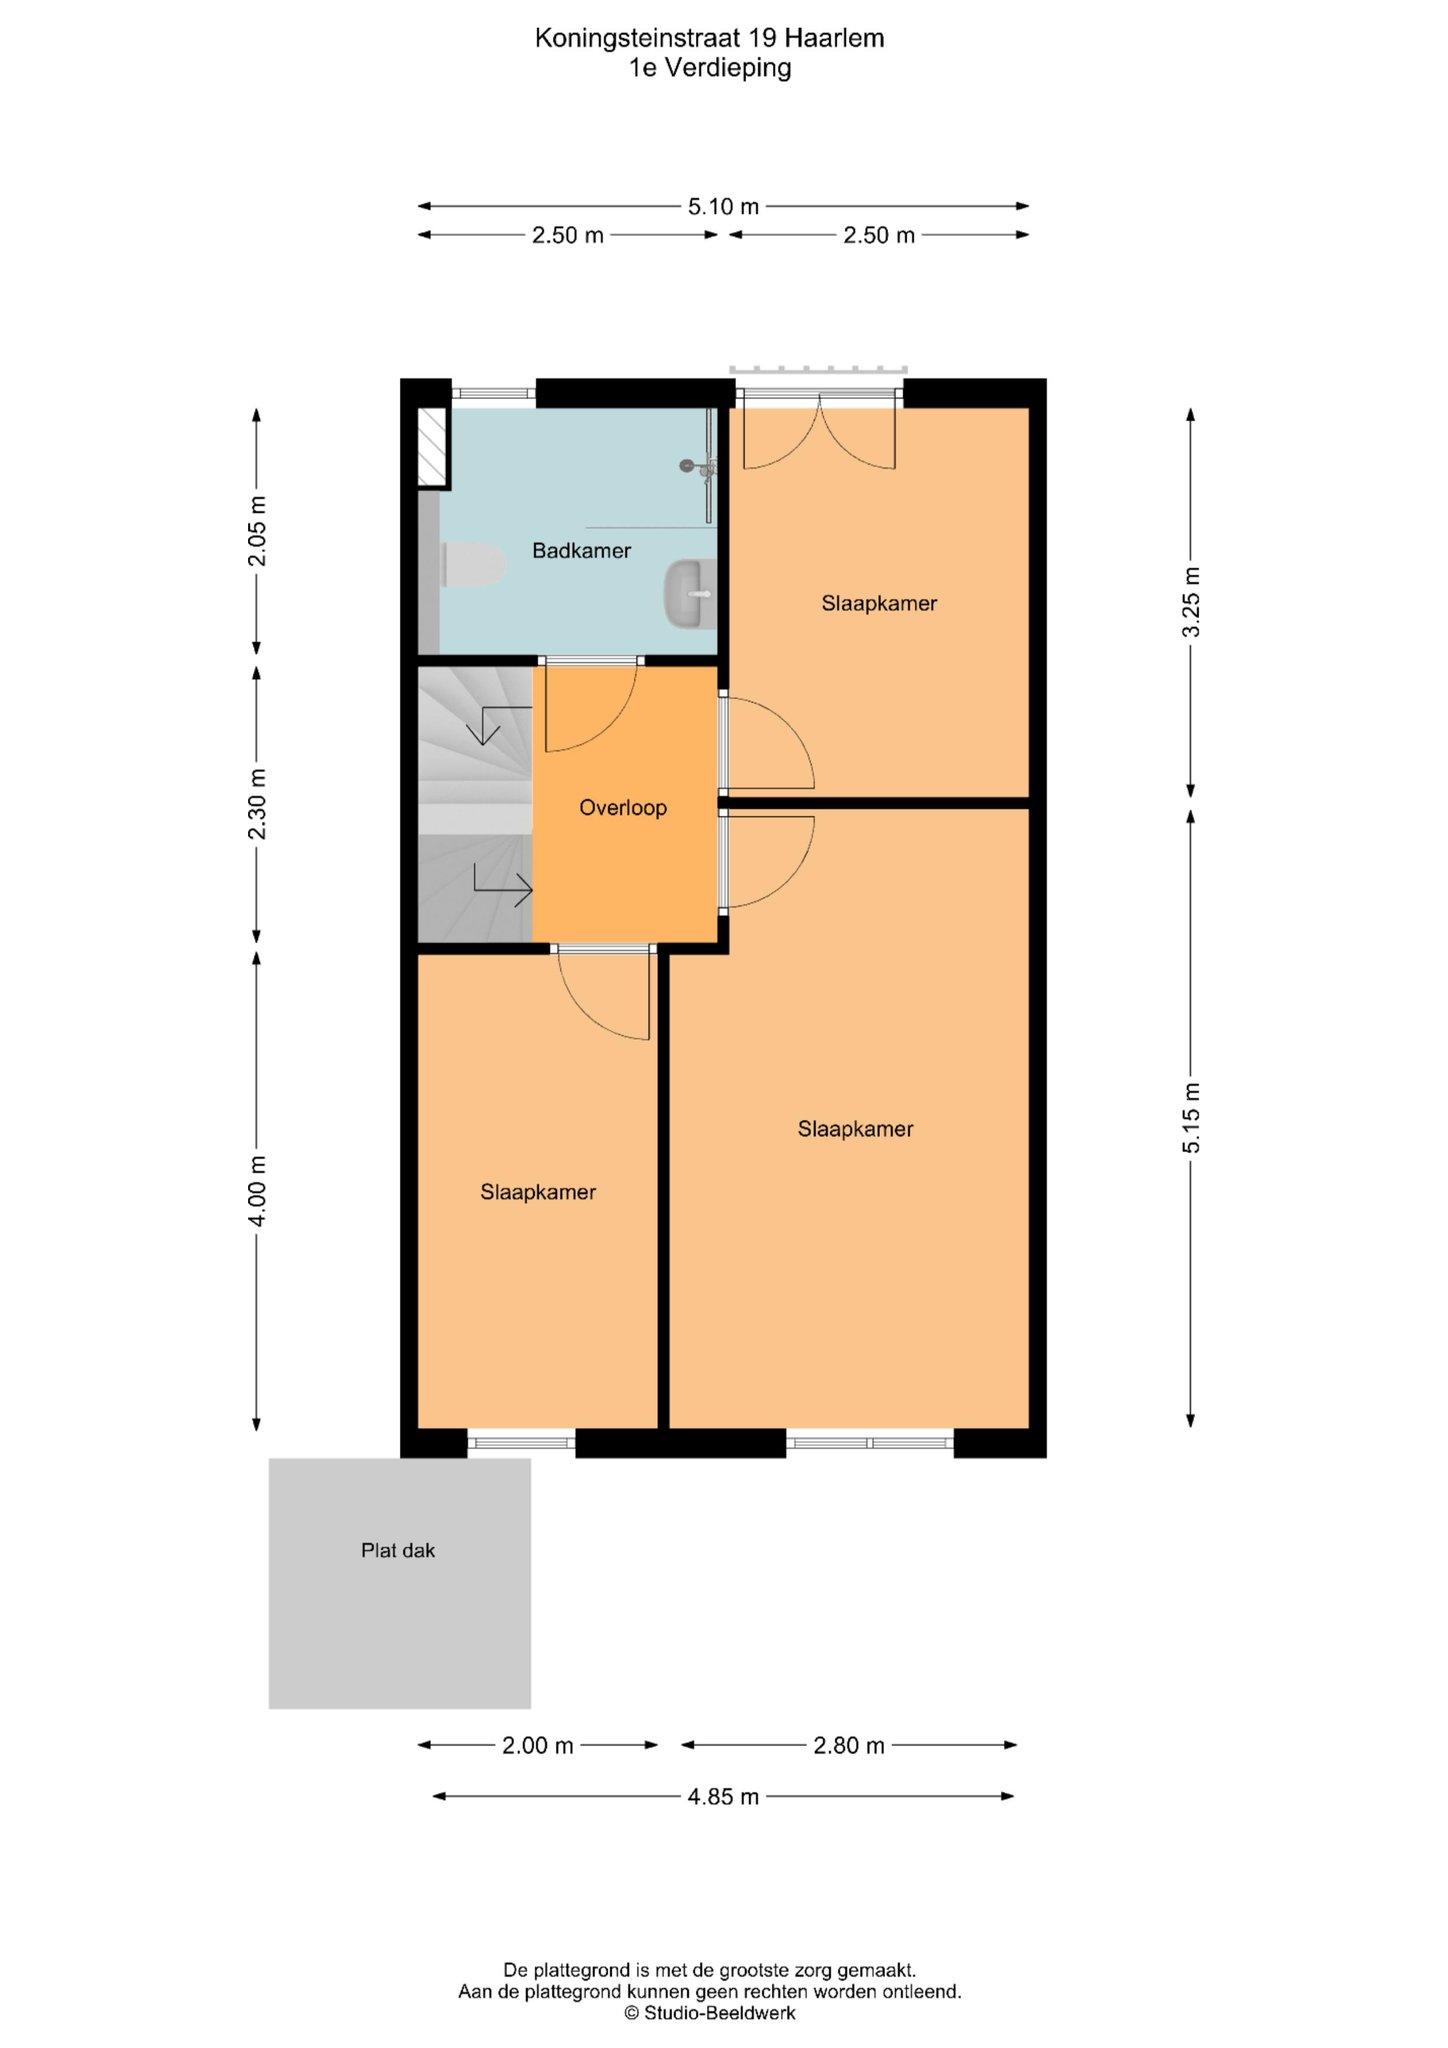 Haarlem – Koningsteinstraat 19 – Plattegrond 4